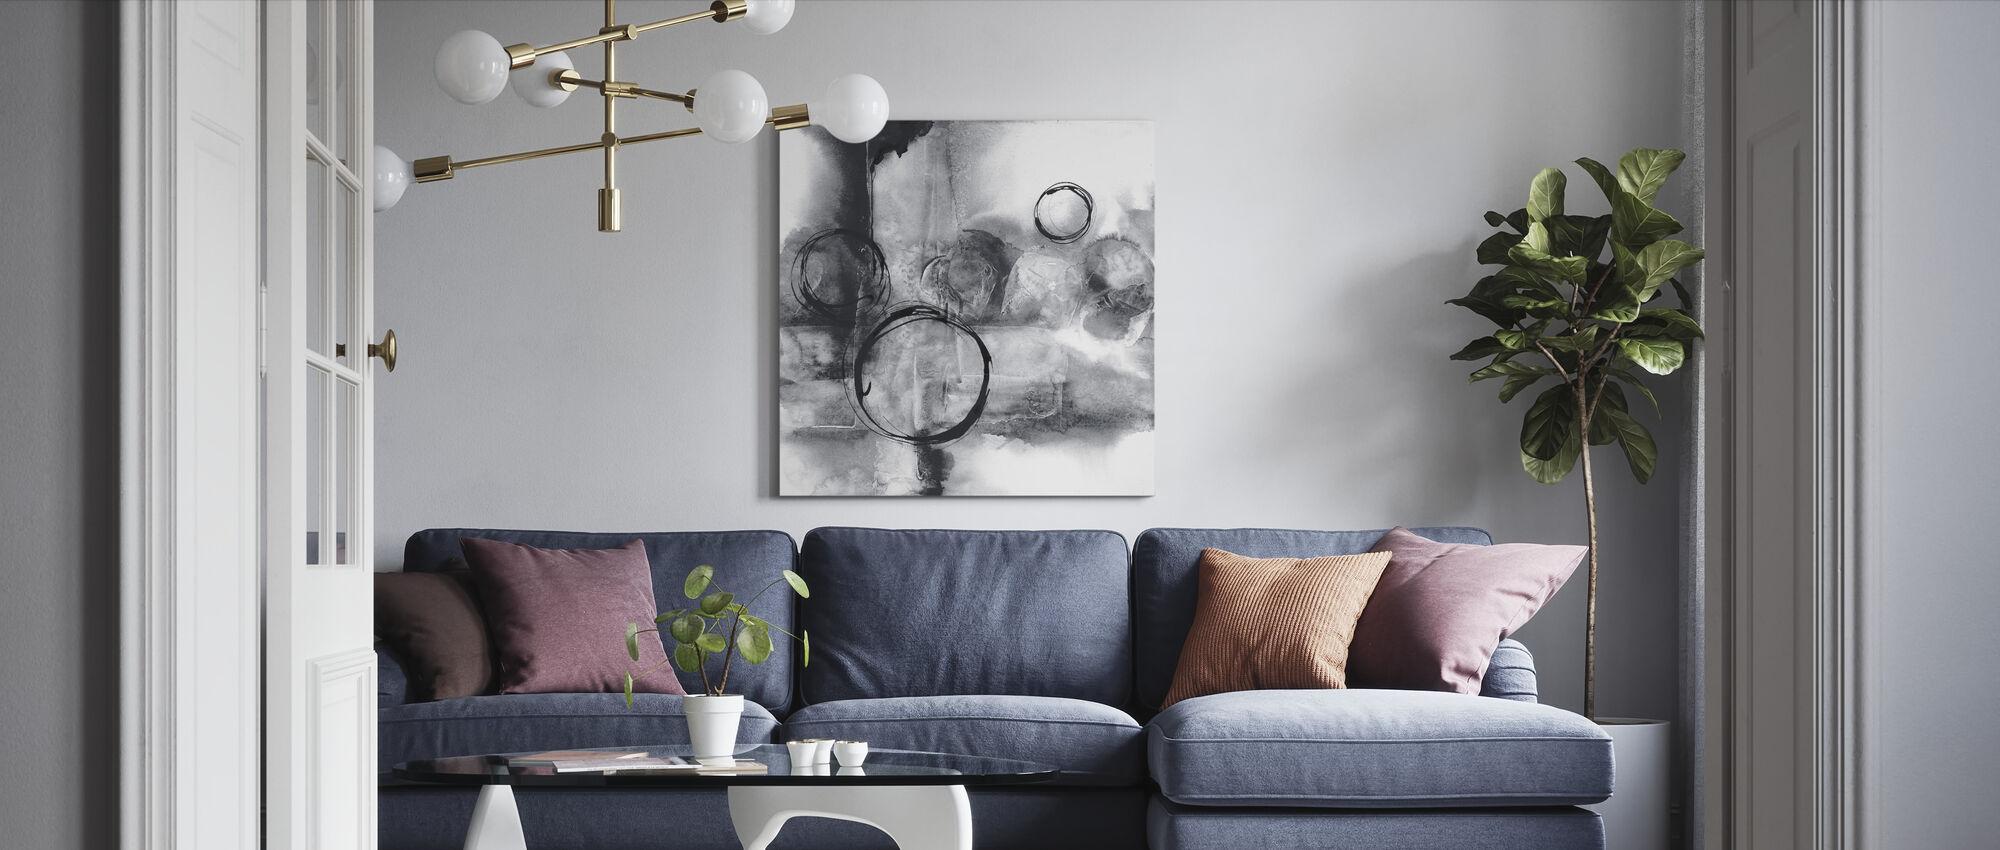 Full sirkel I - Lerretsbilde - Stue